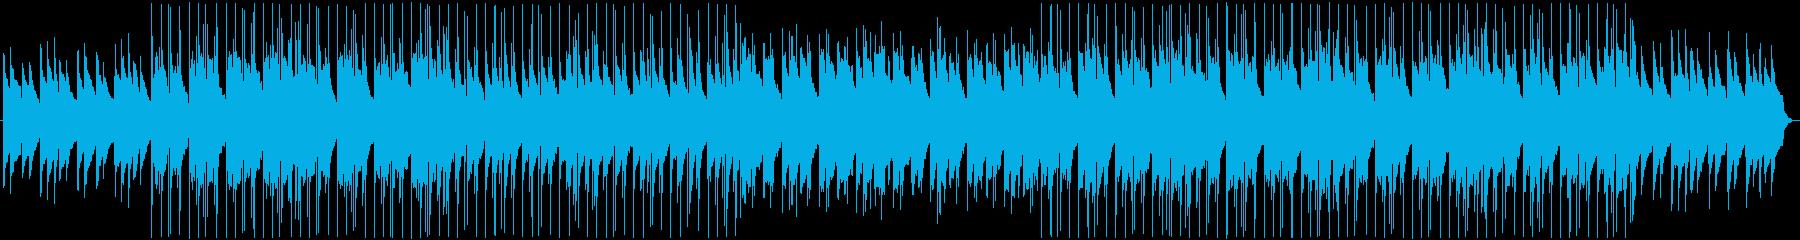 同じ感覚で時を刻むBGMの再生済みの波形